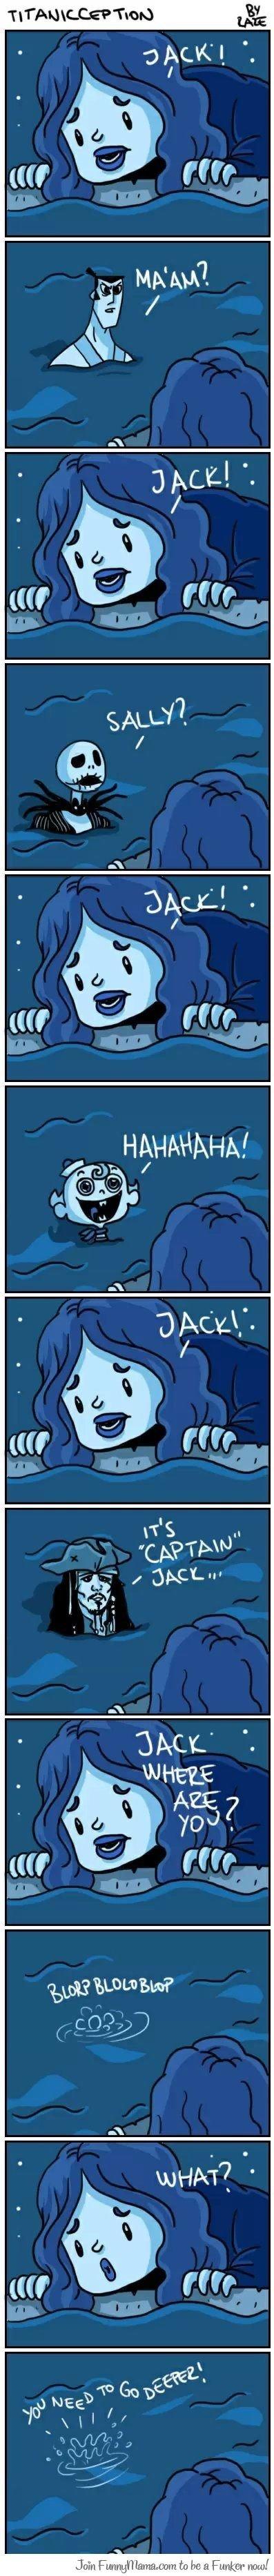 Titanicception. .